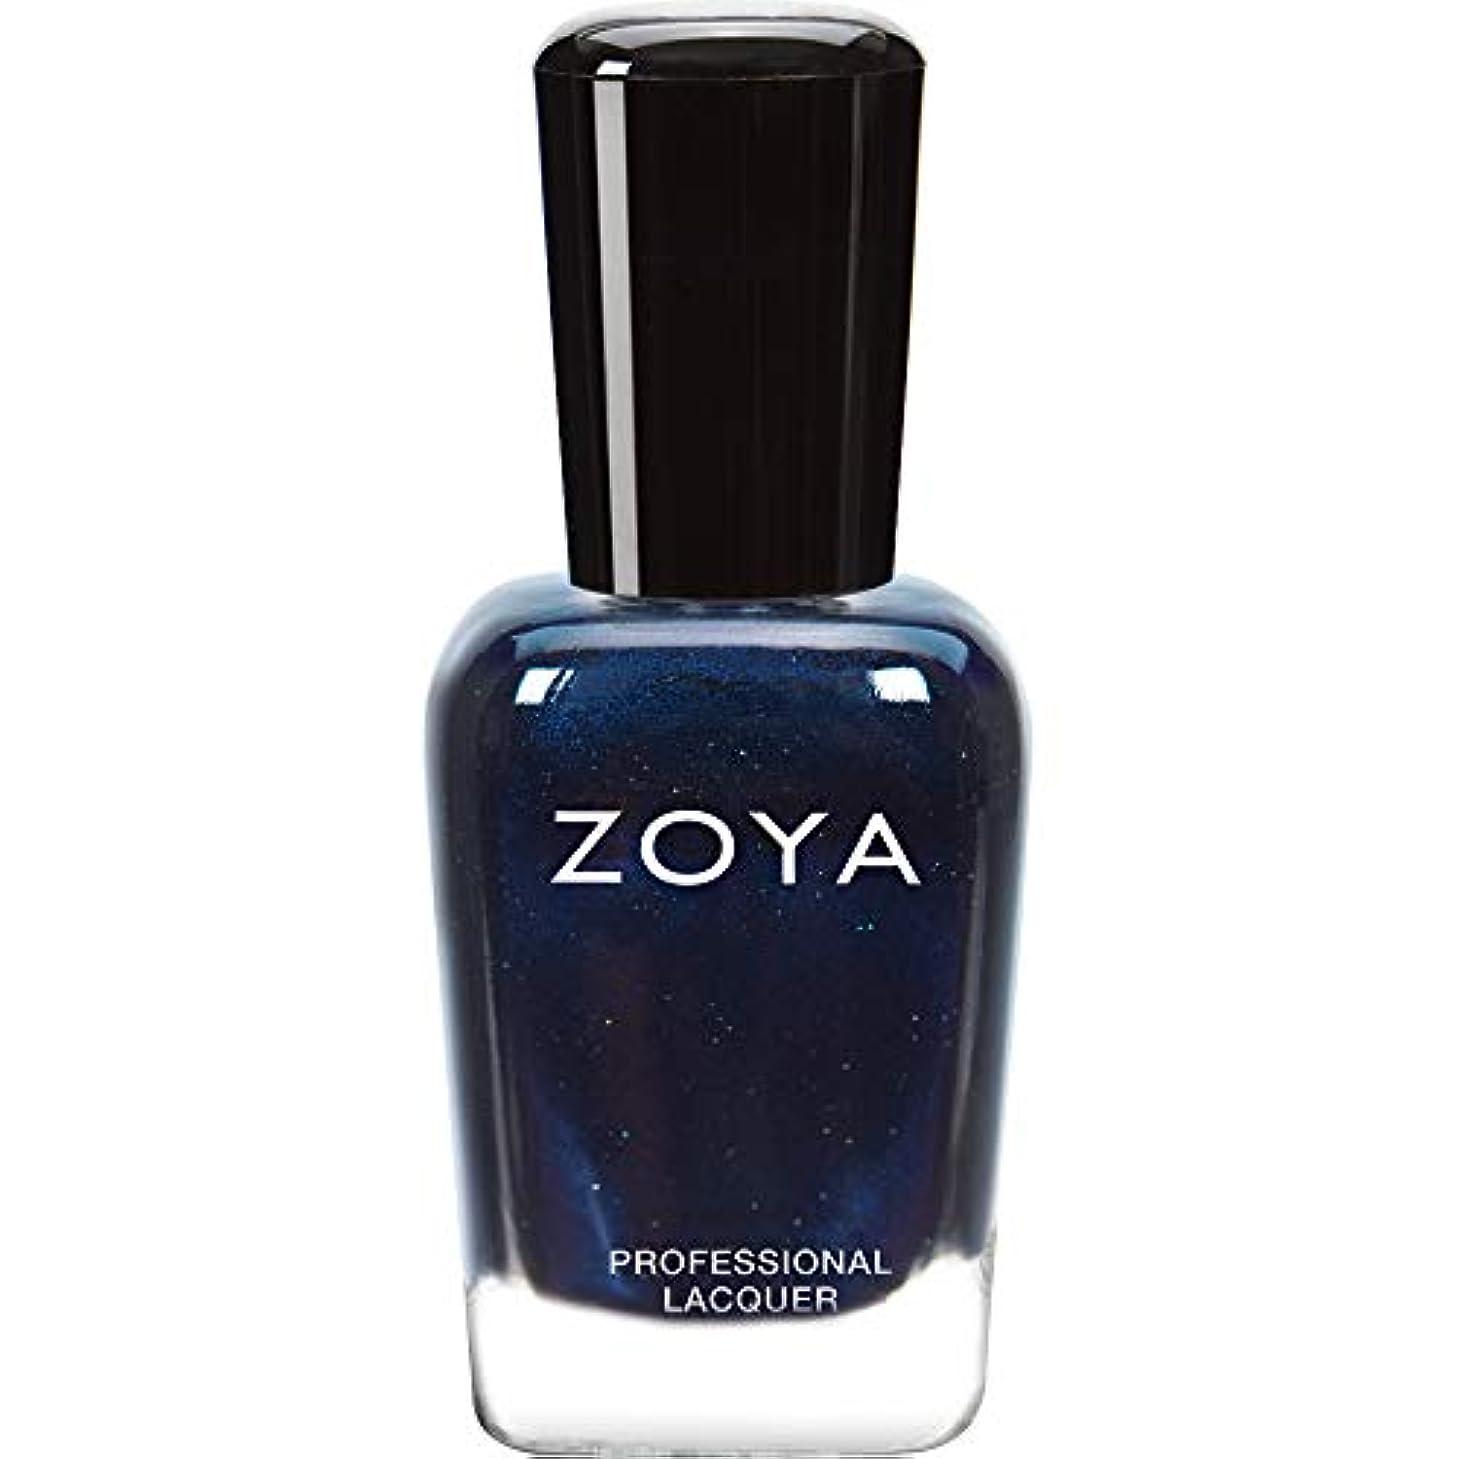 ZOYA ゾーヤ ネイルカラー ZP415 INDIGO インディゴ 15ml 深いインディゴブルー マット?グリッター/メタリック 爪にやさしいネイルラッカーマニキュア